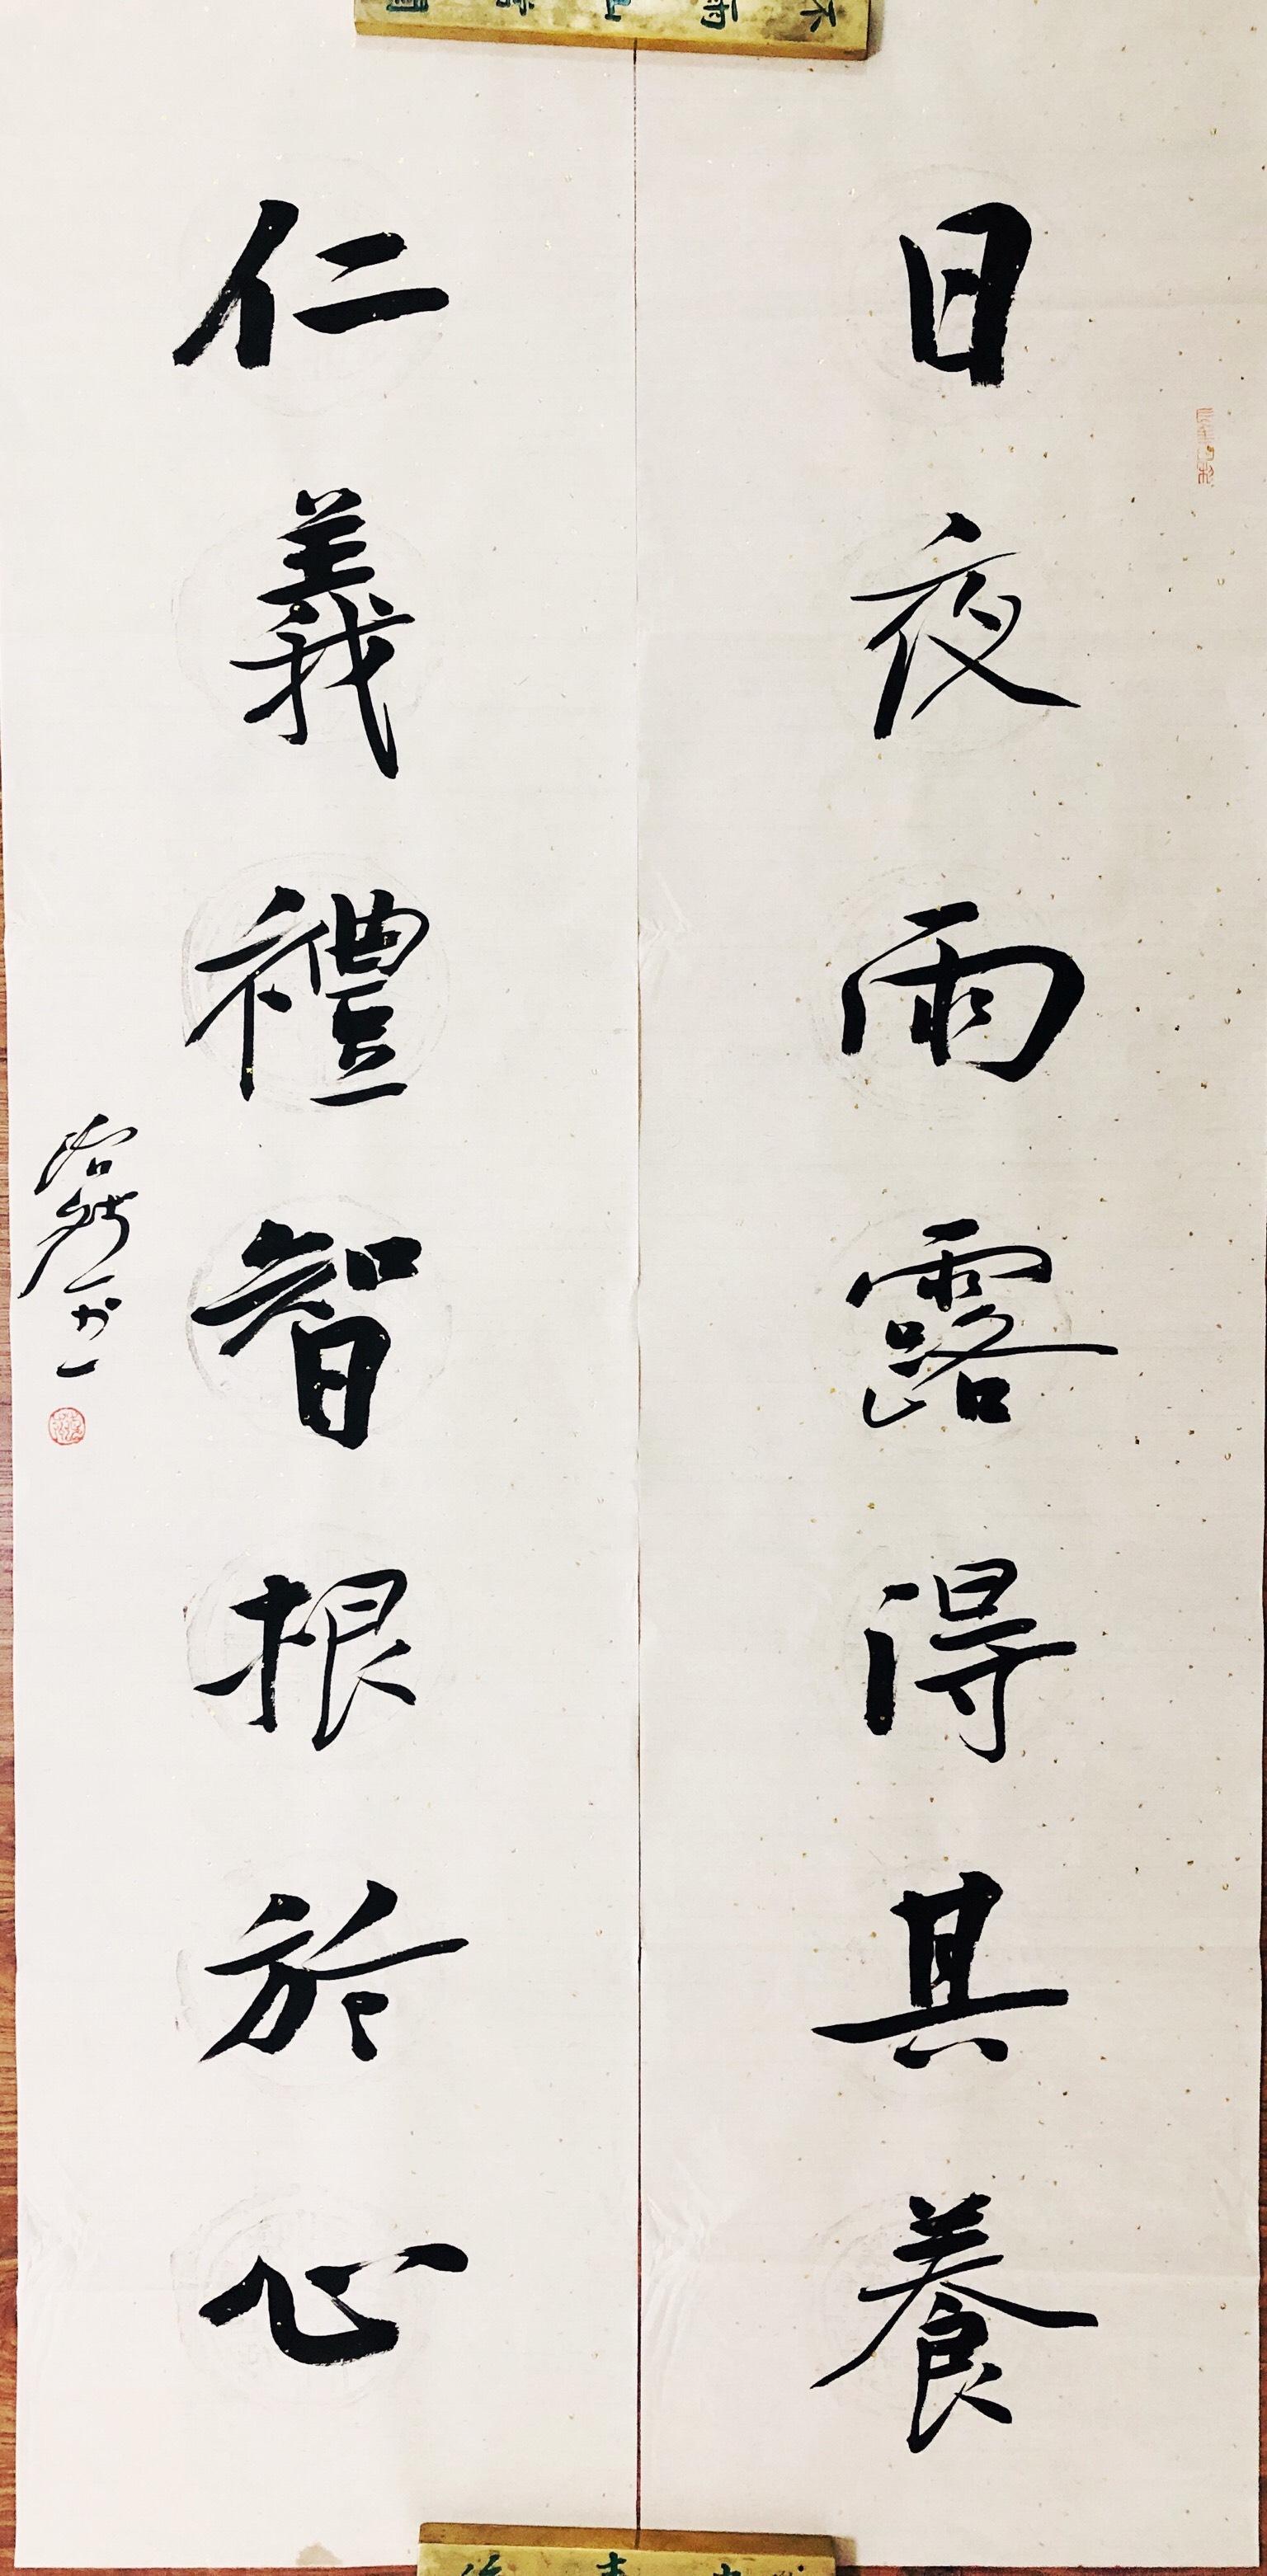 中国美术家协会会员  北京师范大学副教授  范治斌  日夜雨露得其养,仁义礼智跟于心